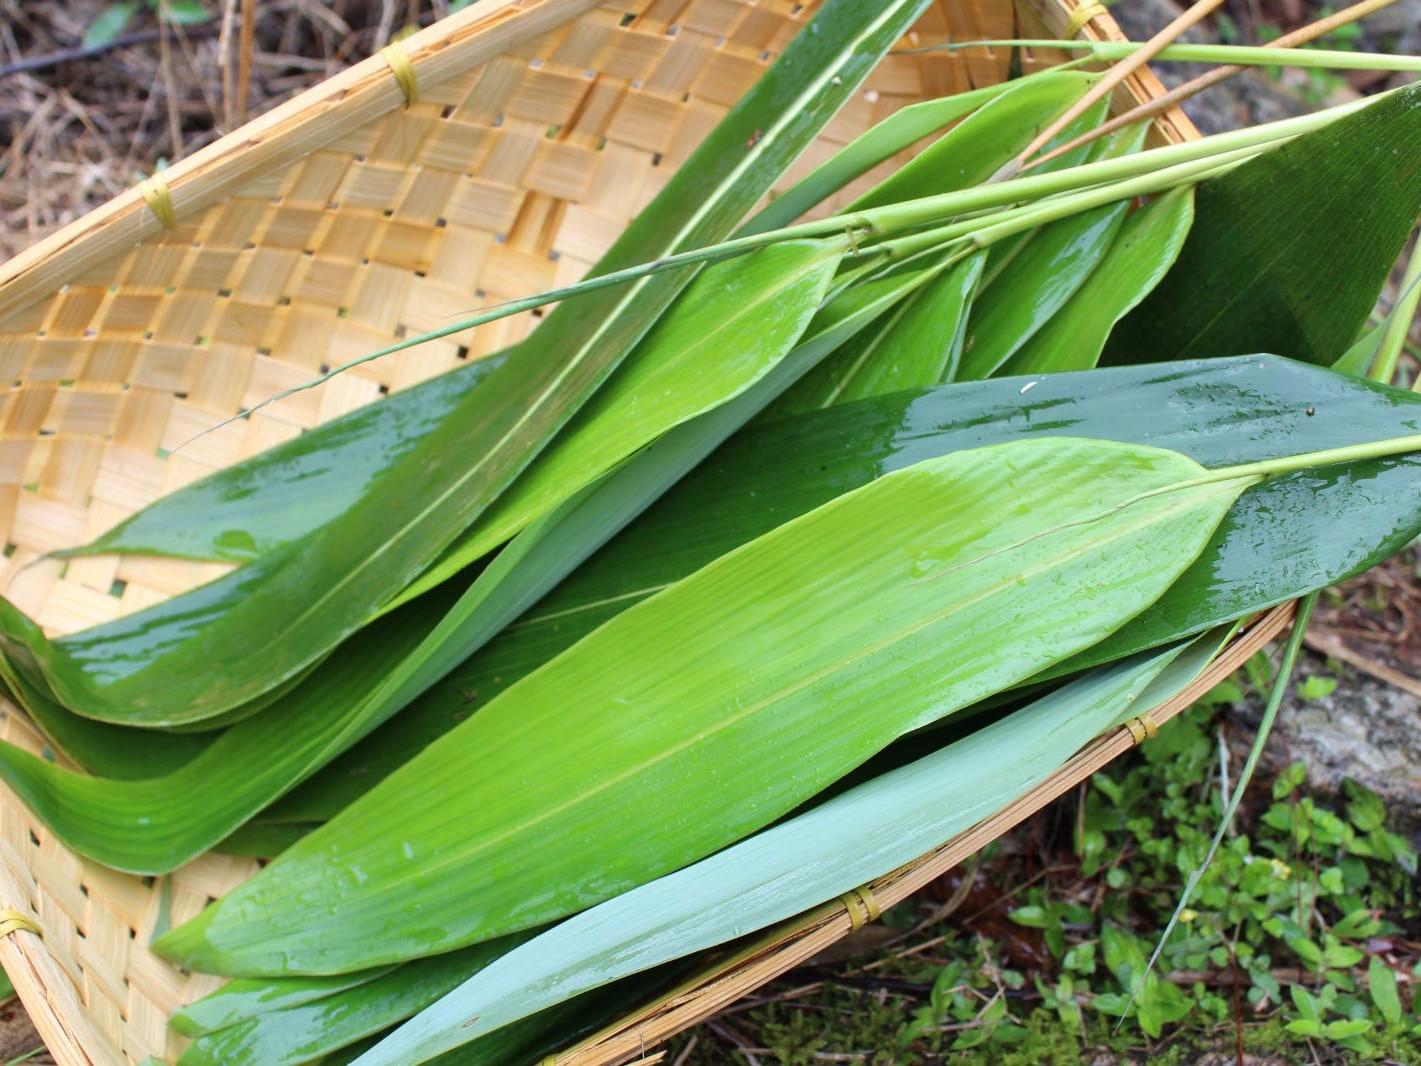 粽叶是什么植物的叶子